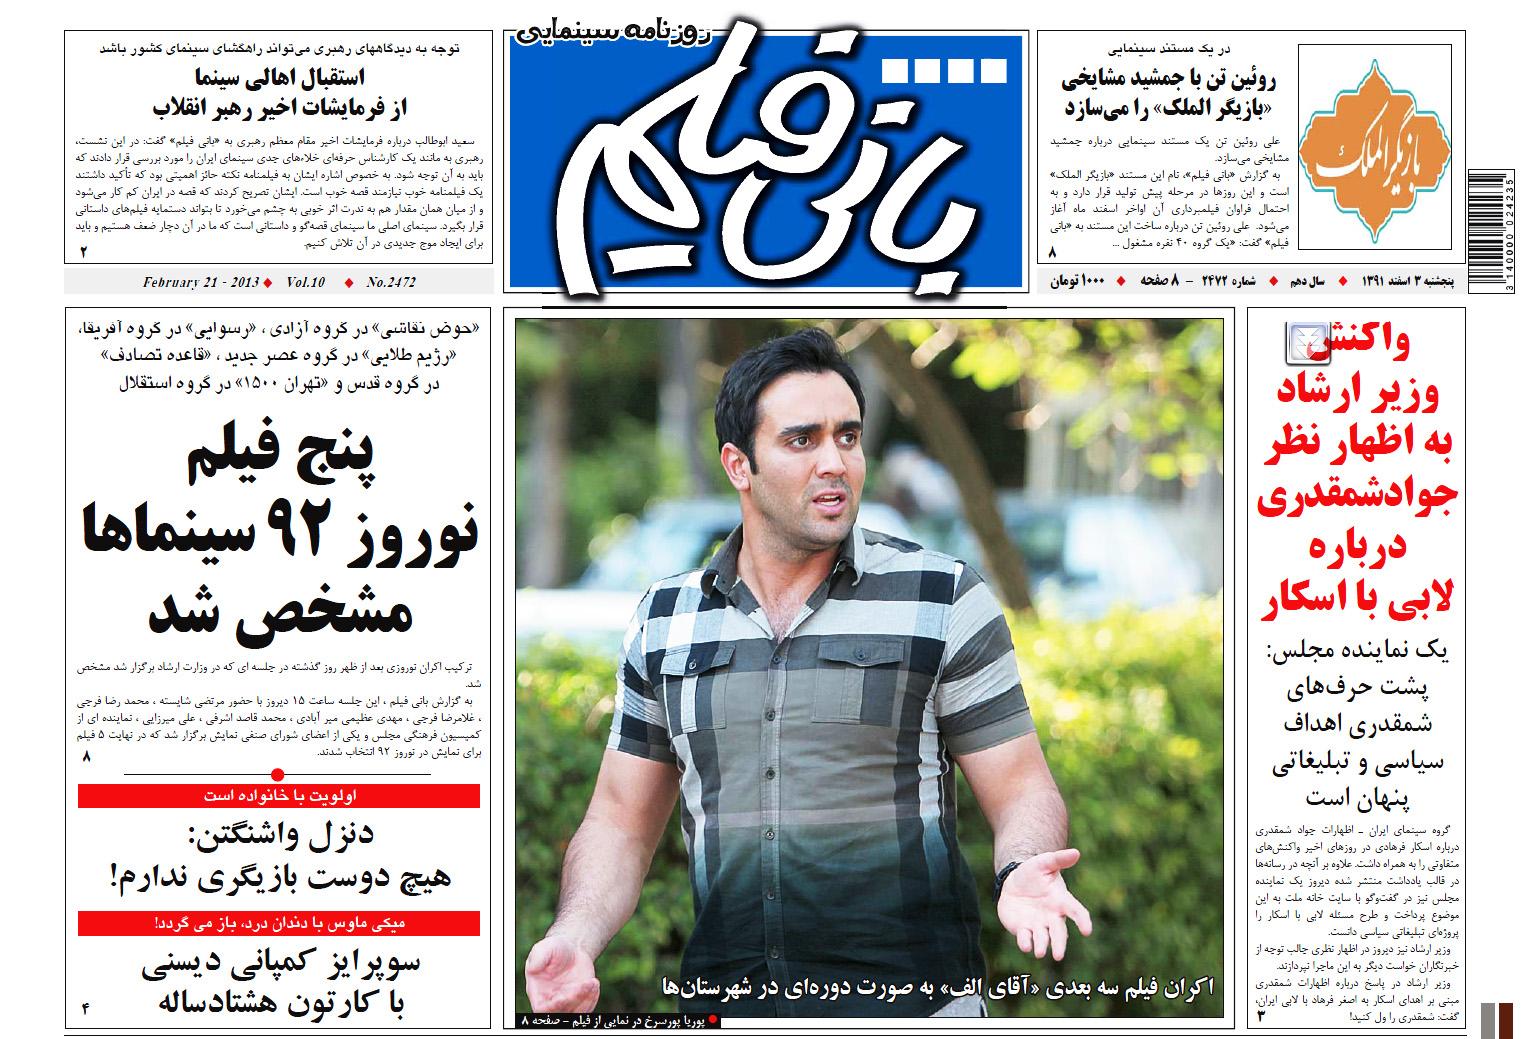 http://s3.picofile.com/file/7664907632/Bani_film_Ekrane_Aqaye_Alef.jpg